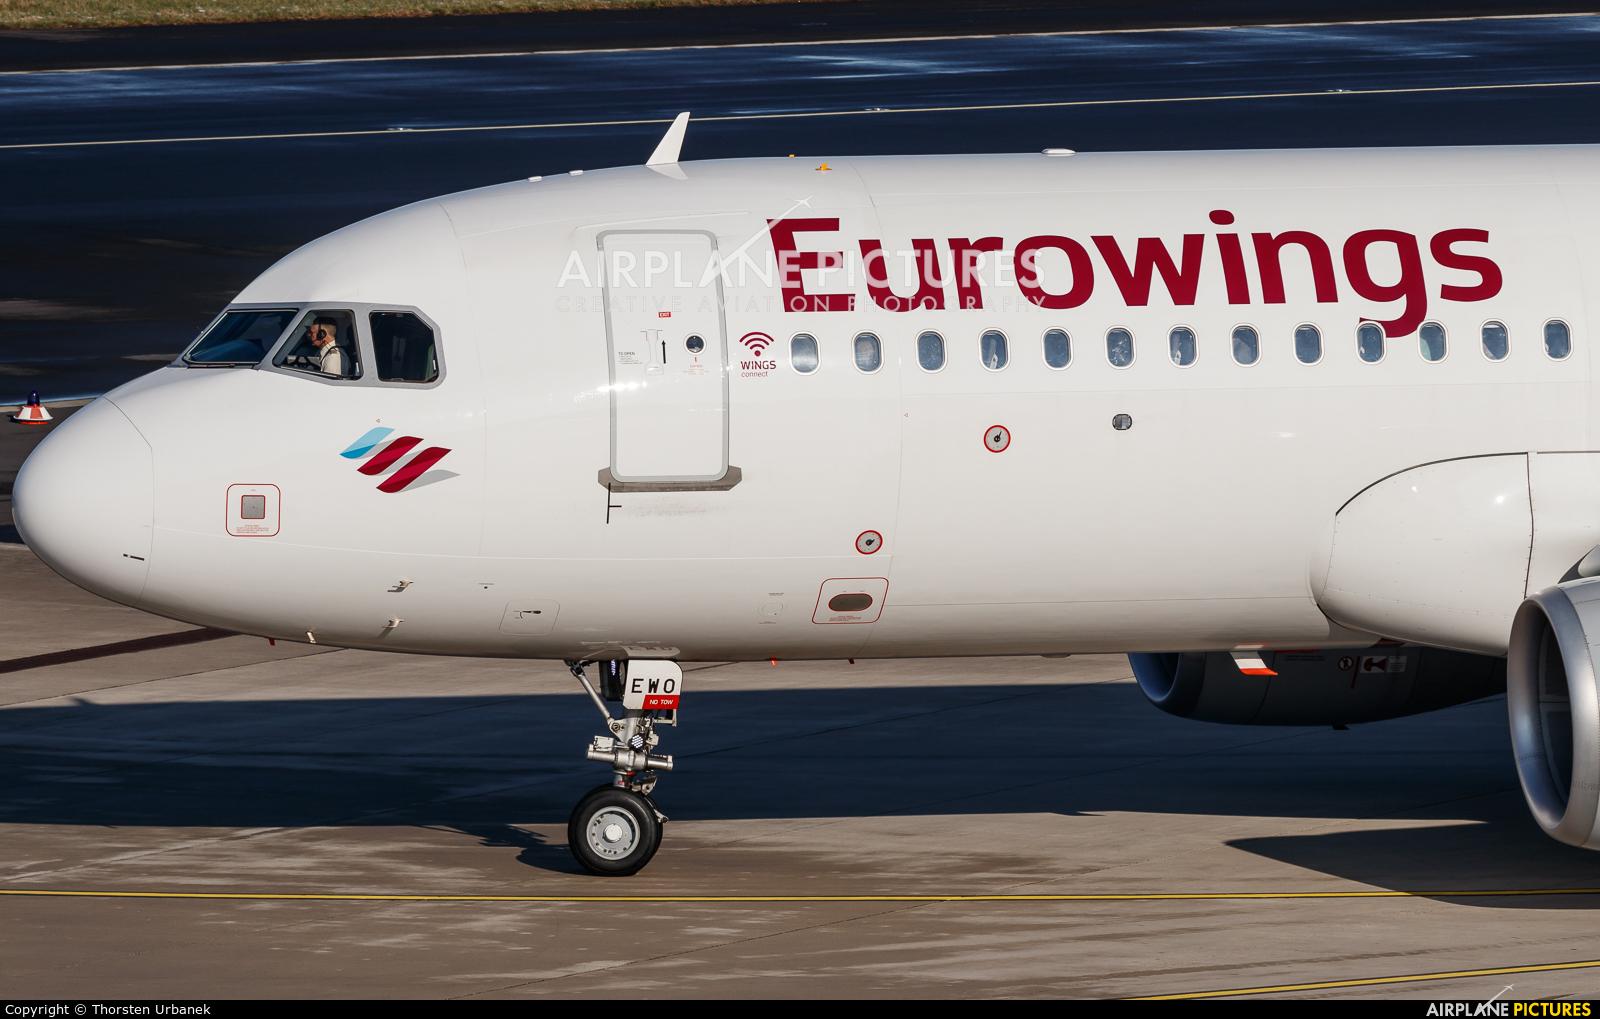 Eurowings D-AEWO aircraft at Düsseldorf